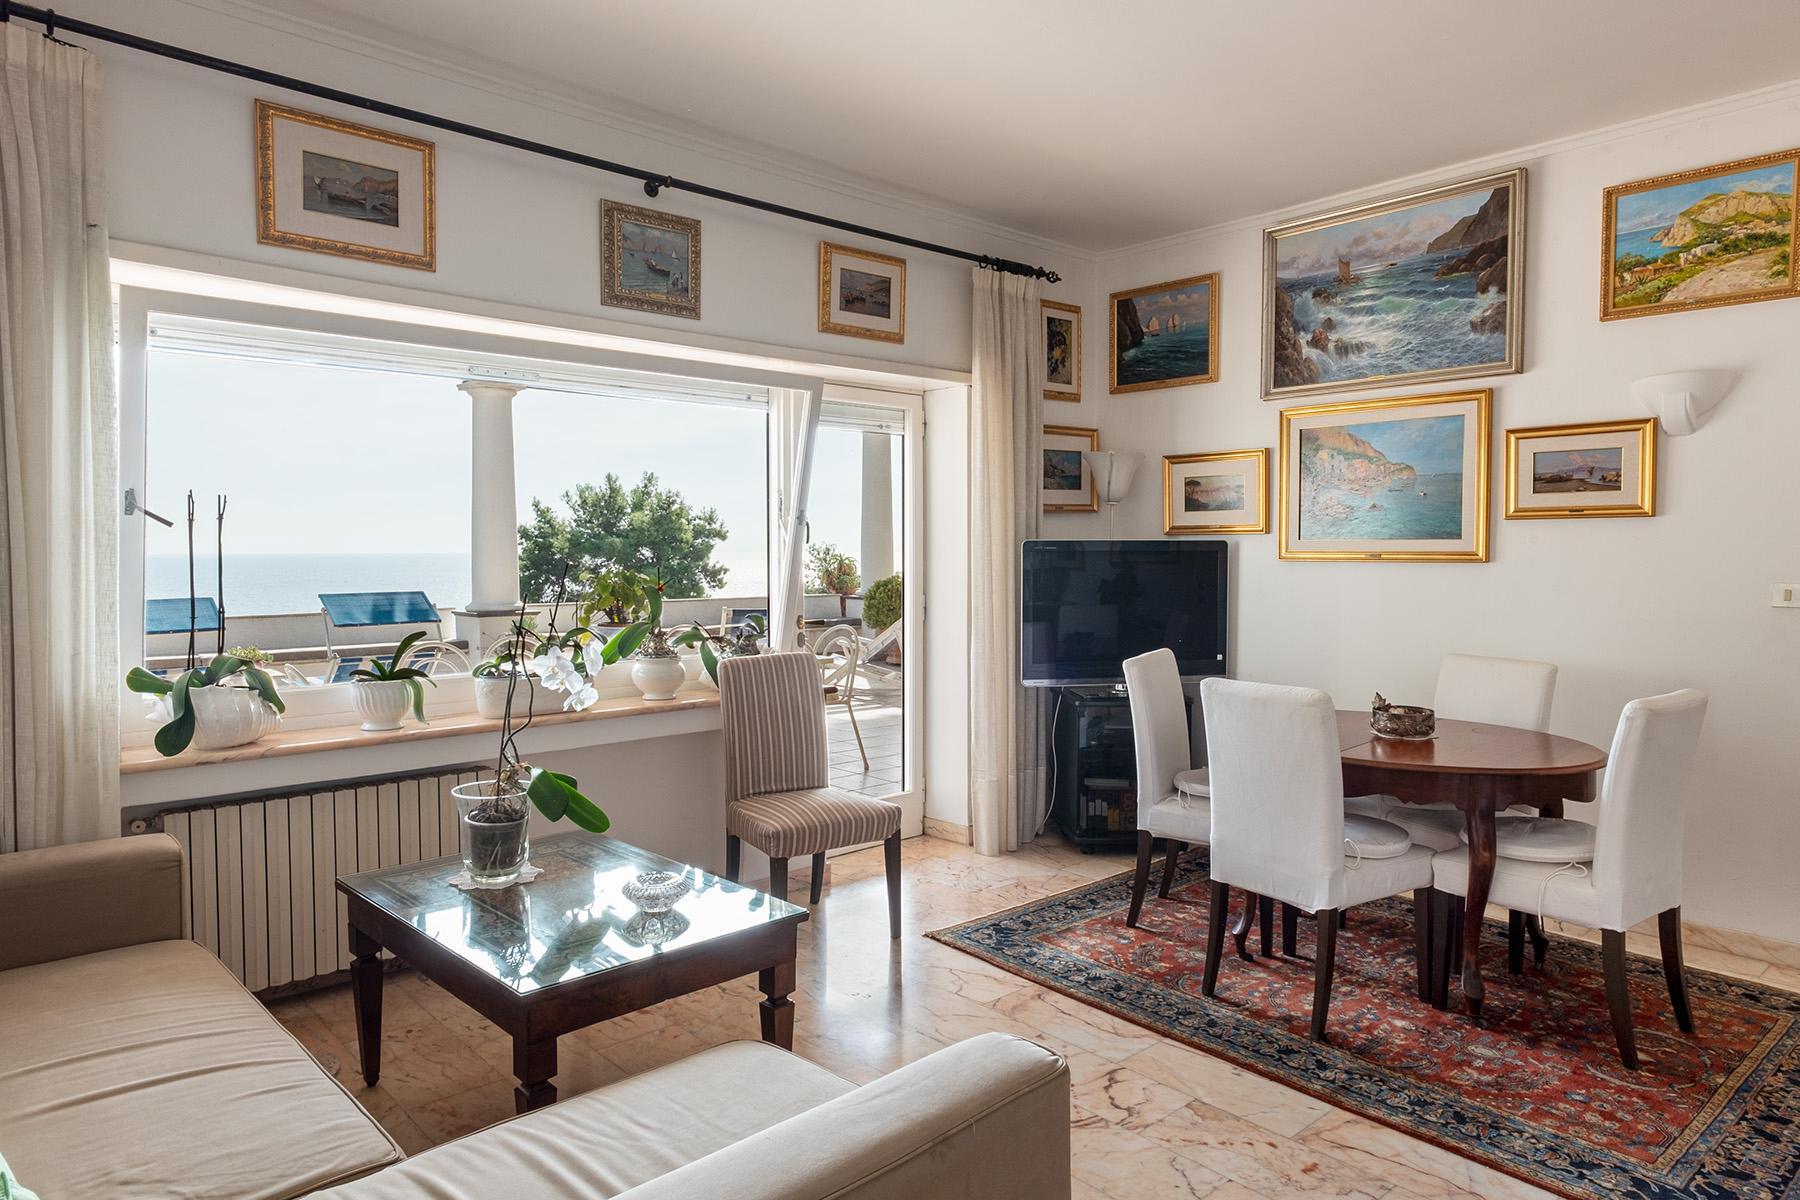 Herrliche Villa am Meer mit Blick - 6